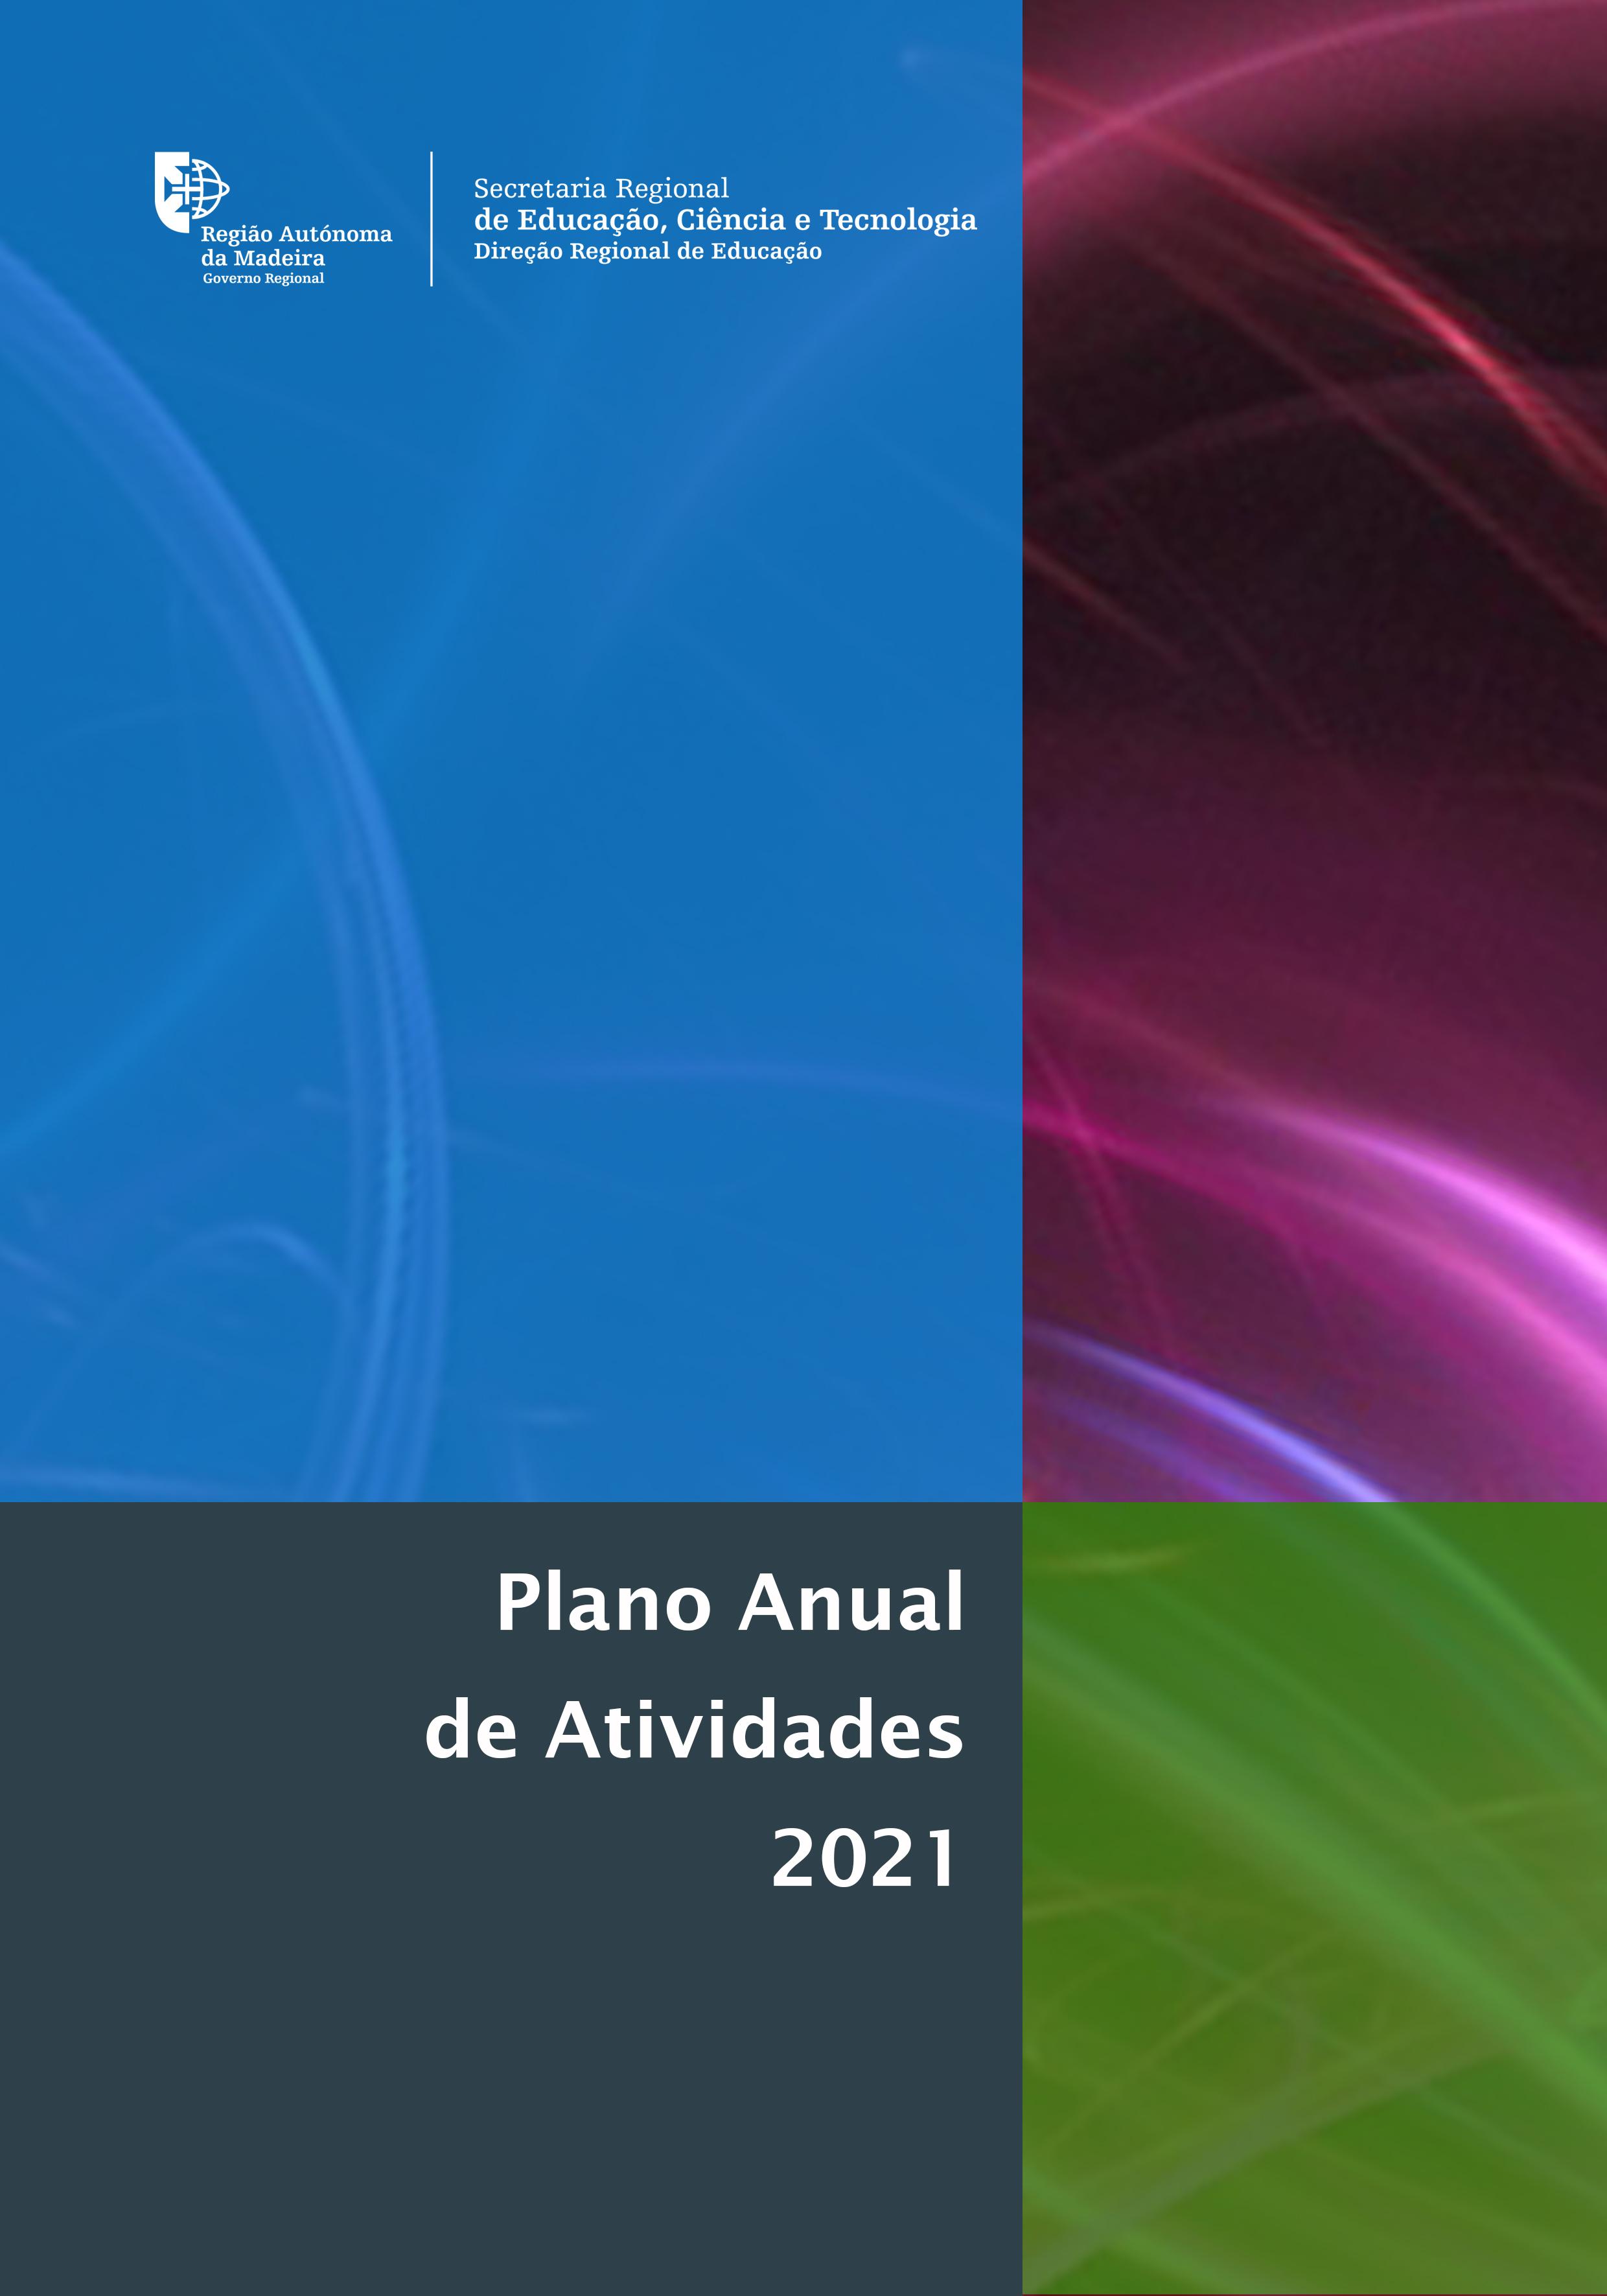 Plano Anual de Atividades DRE 2021